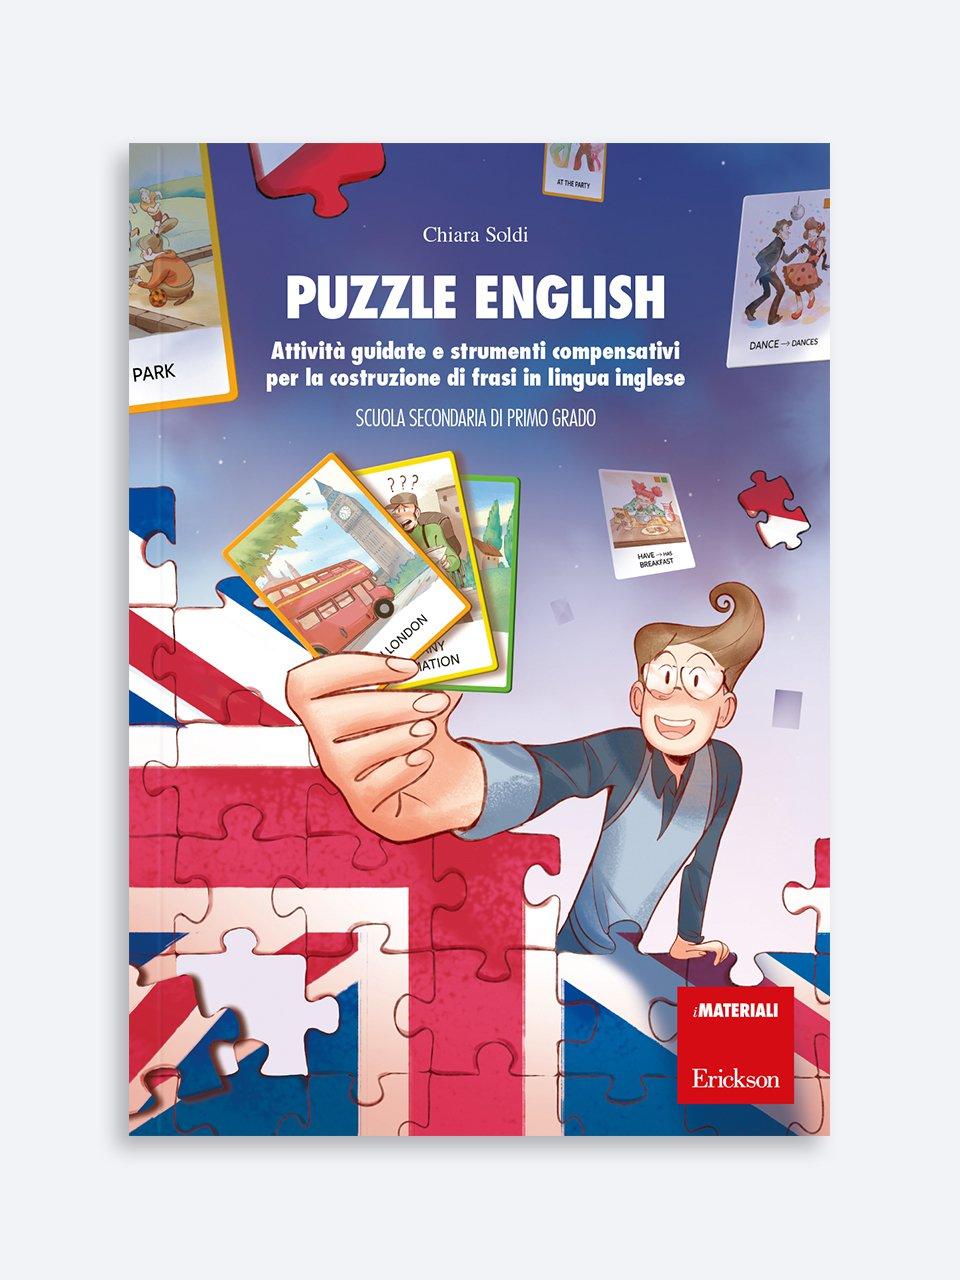 Puzzle English - Libri e corsi su DSA e disturbi specifici dell'apprendimento - Erickson